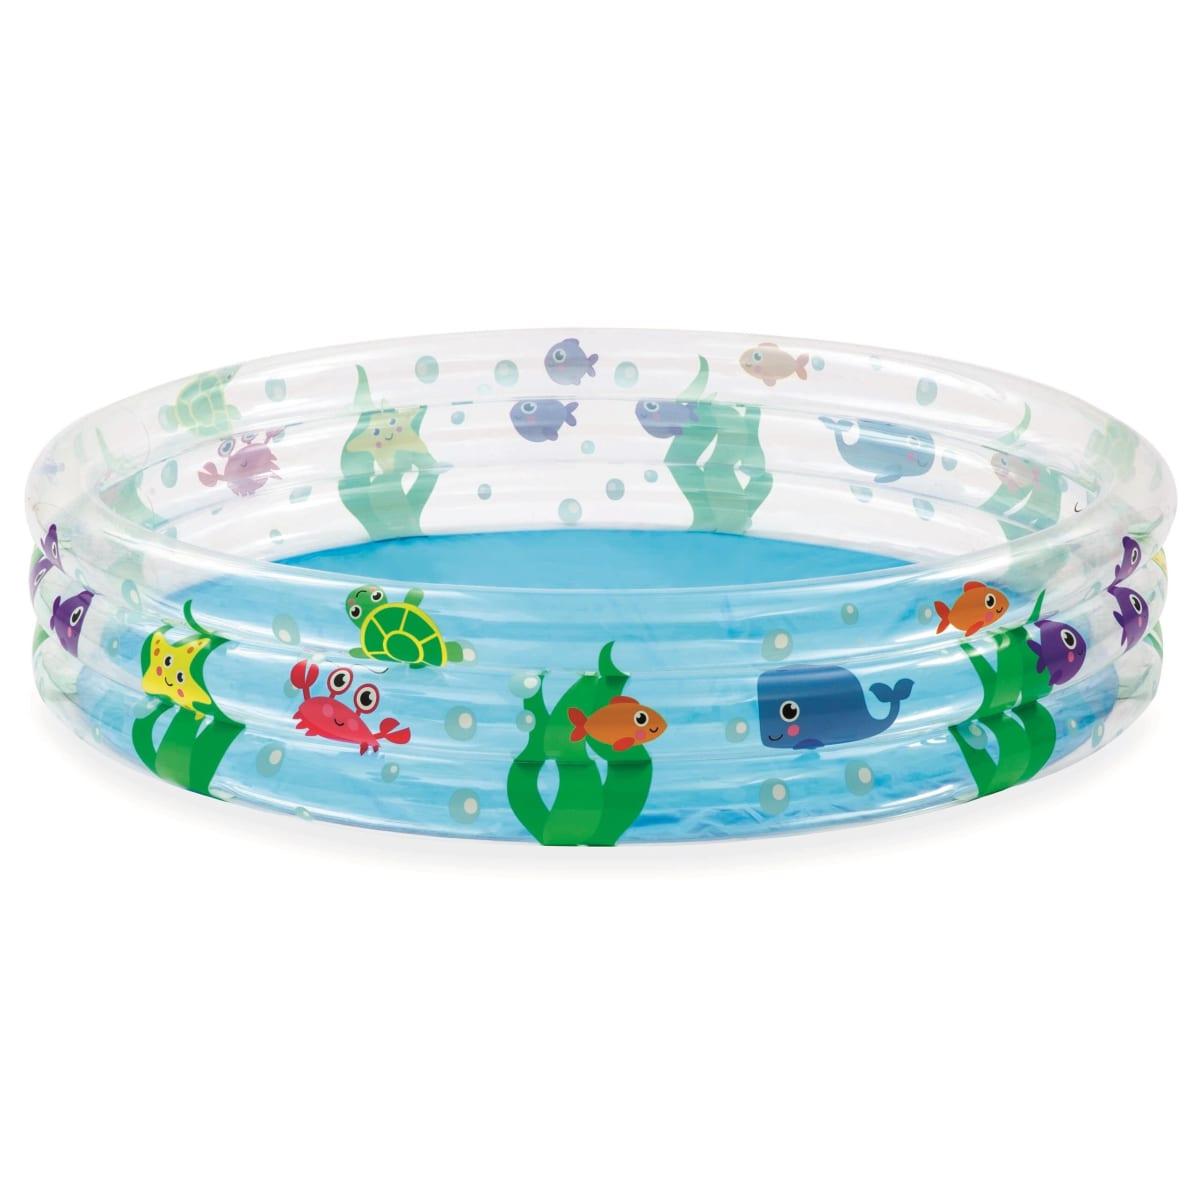 Бассейн надувной круглый детский Bestway Подводный мир 152x152x30 см 282 л